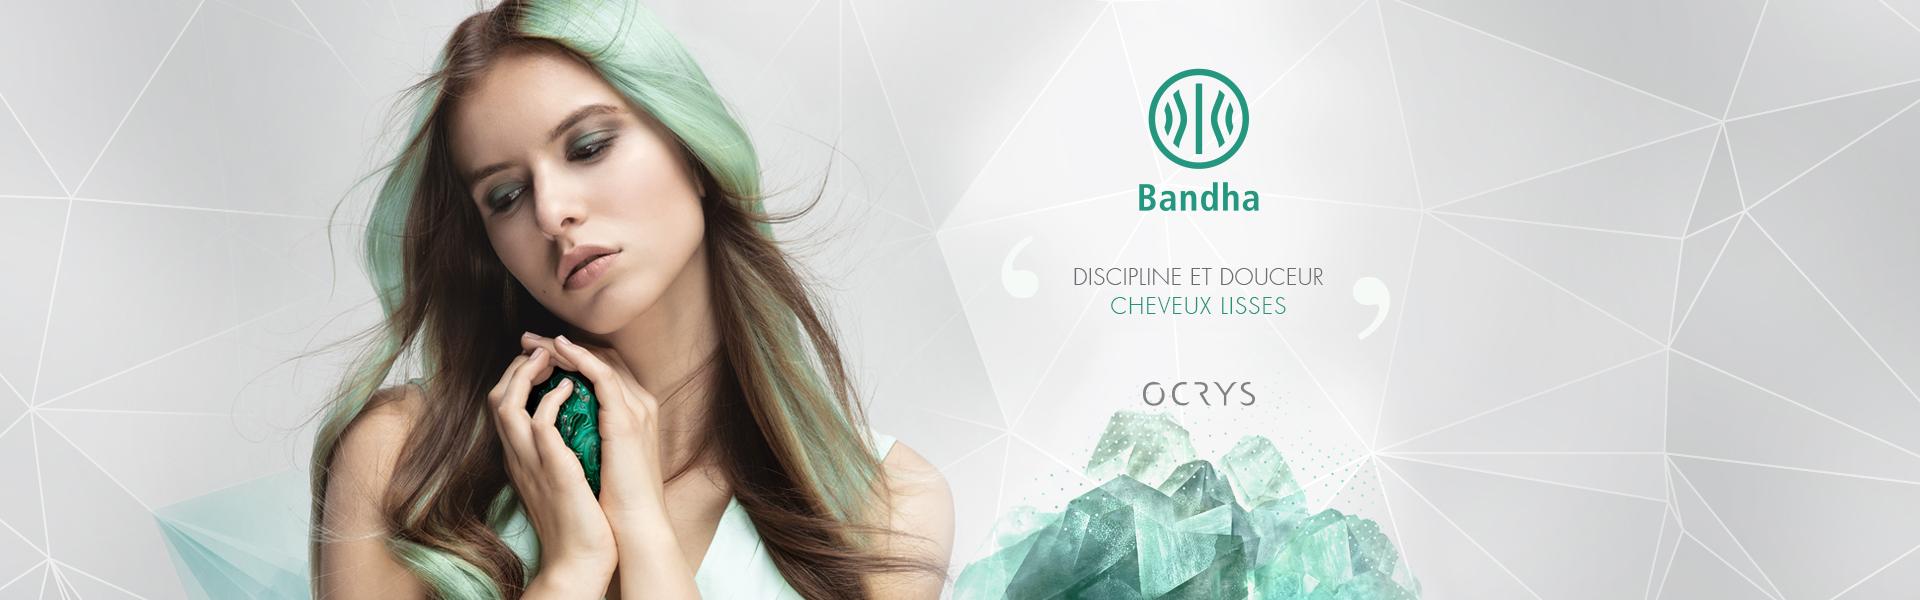 banner_centrali_BANDHA_FR